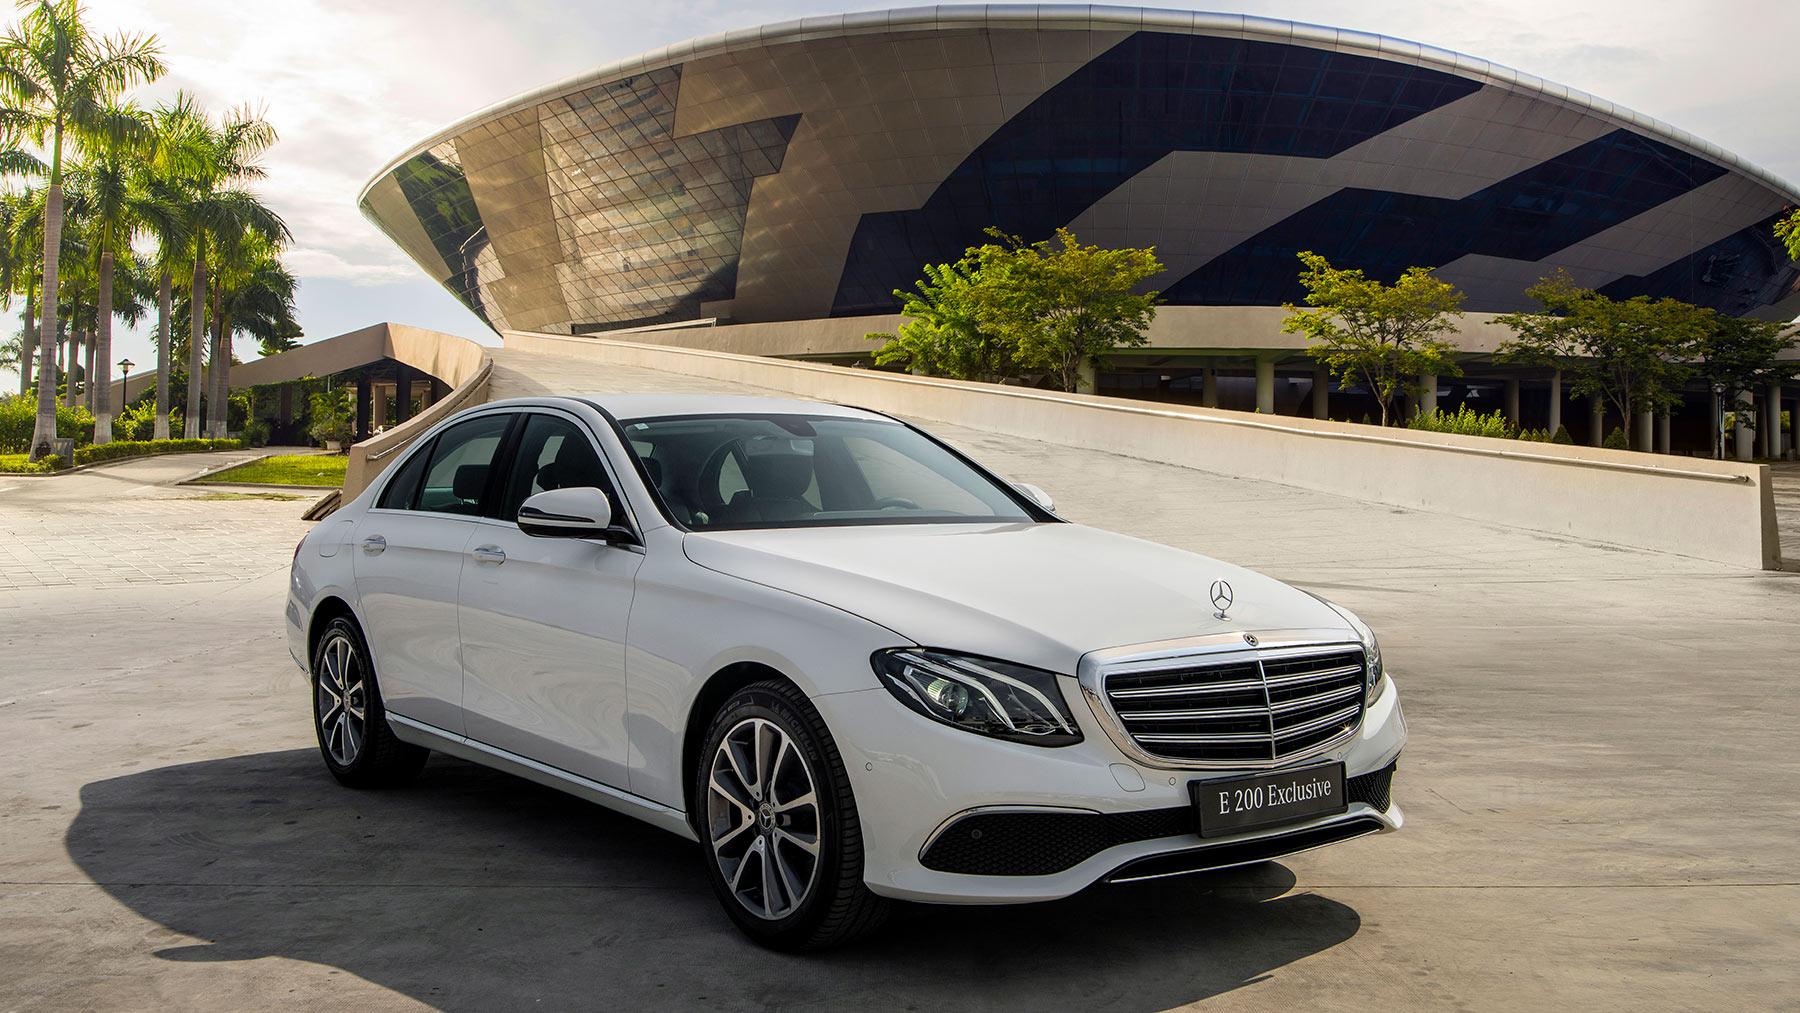 Mercedes-Benz E 200 Exclusive 2020 ra mắt tại Việt Nam, giá từ 2,29 tỷ